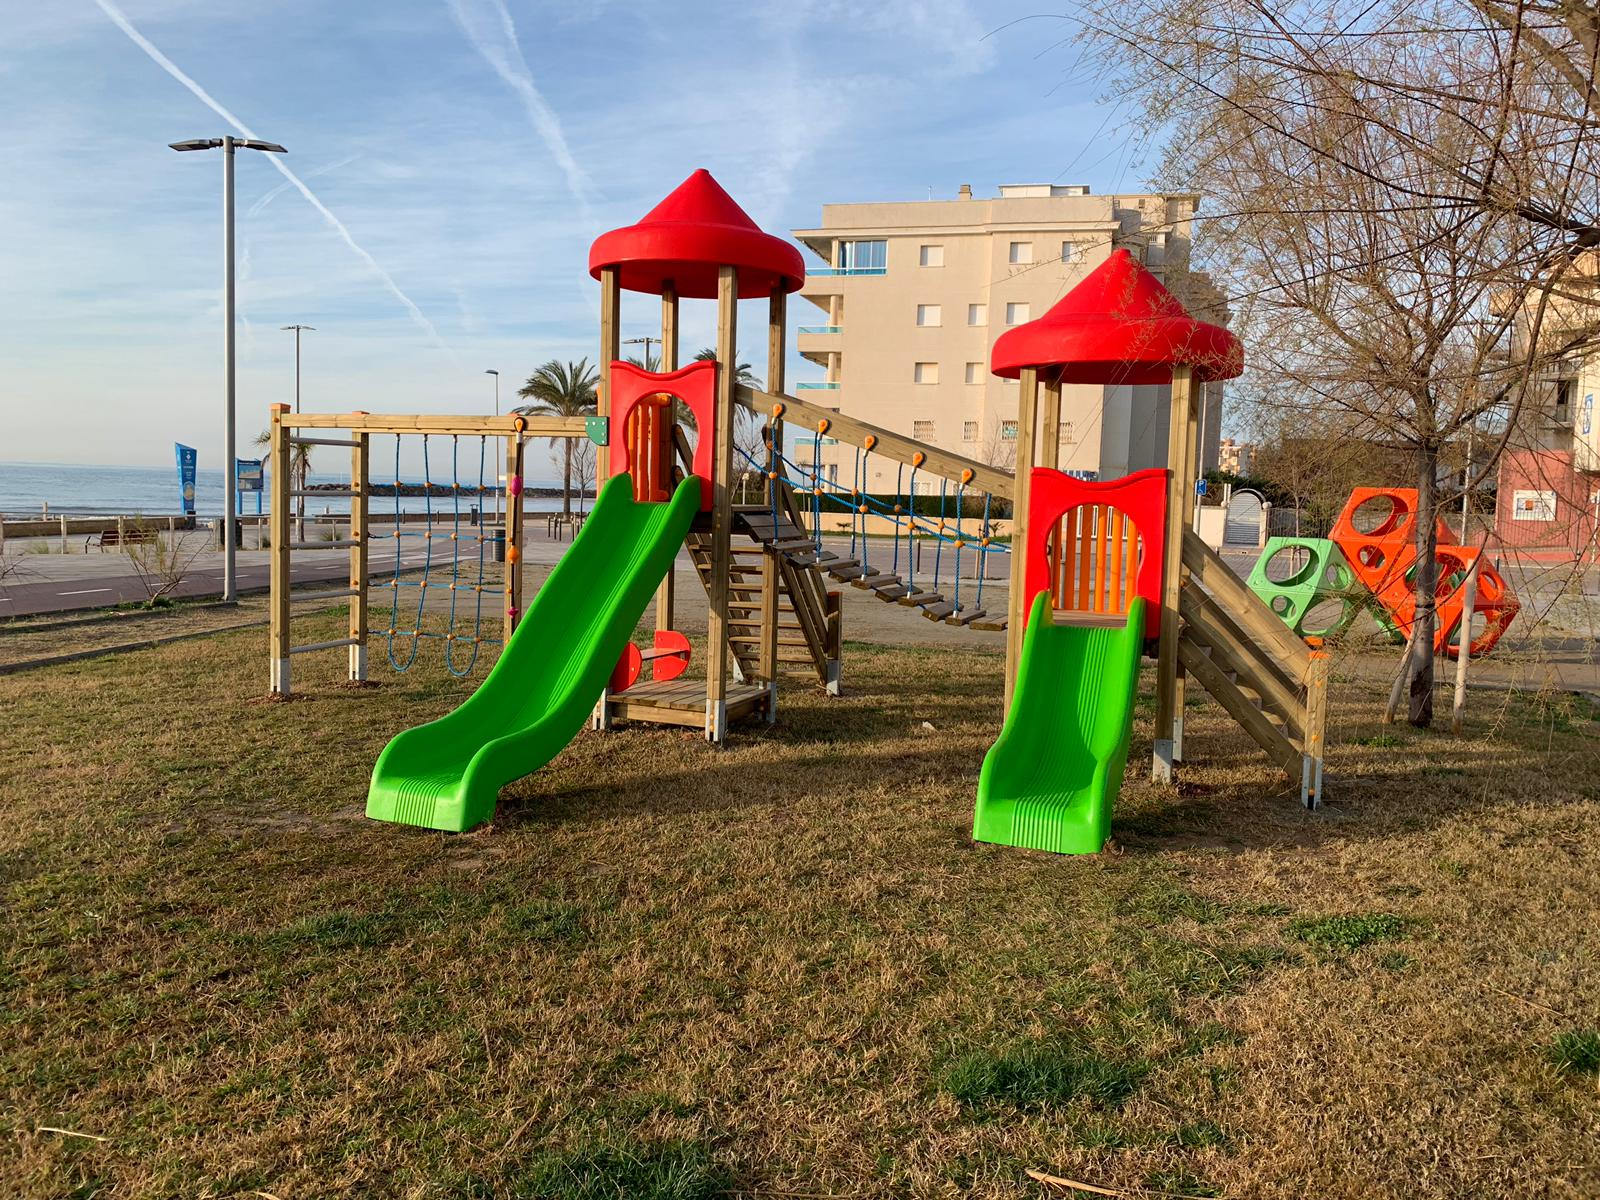 En marxa un Pla de renovació de parcs infantils